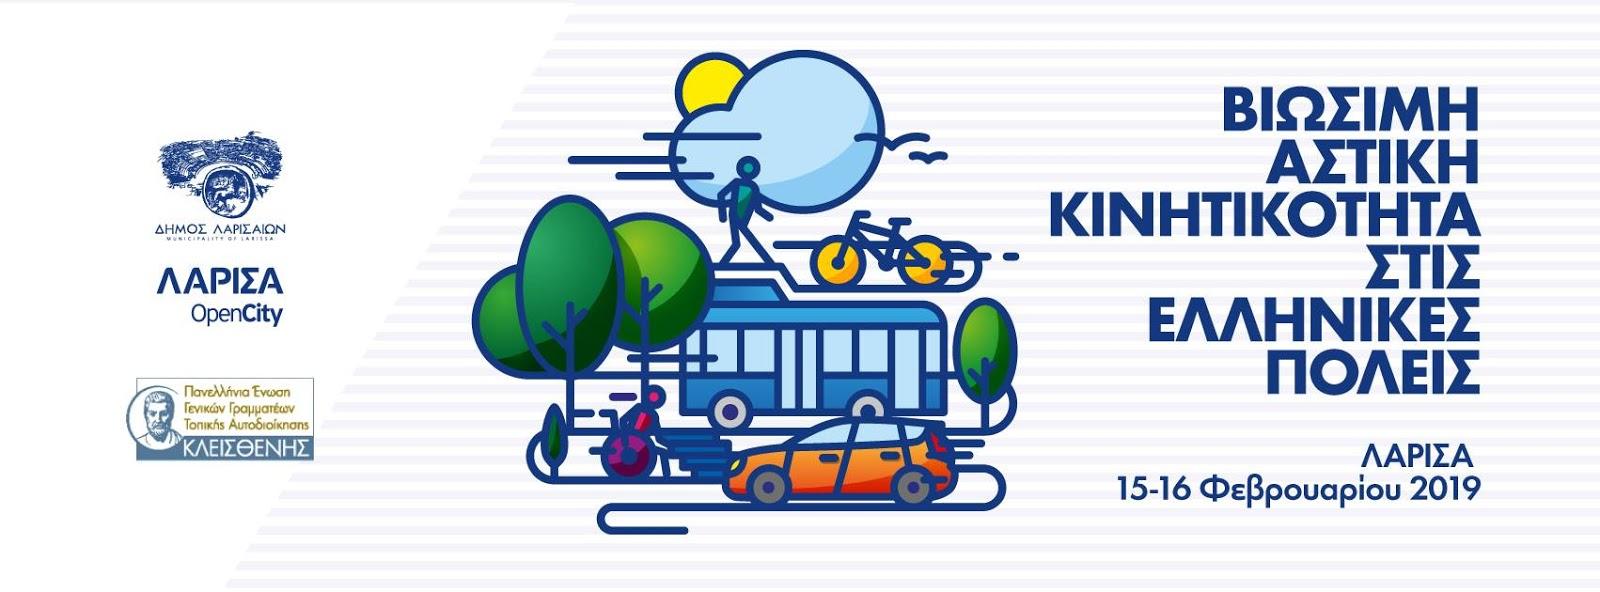 """Συνέδριο στη Λάρισα """"Βιώσιμη Αστική Κινητικότητα στις Ελληνικές Πόλεις"""""""